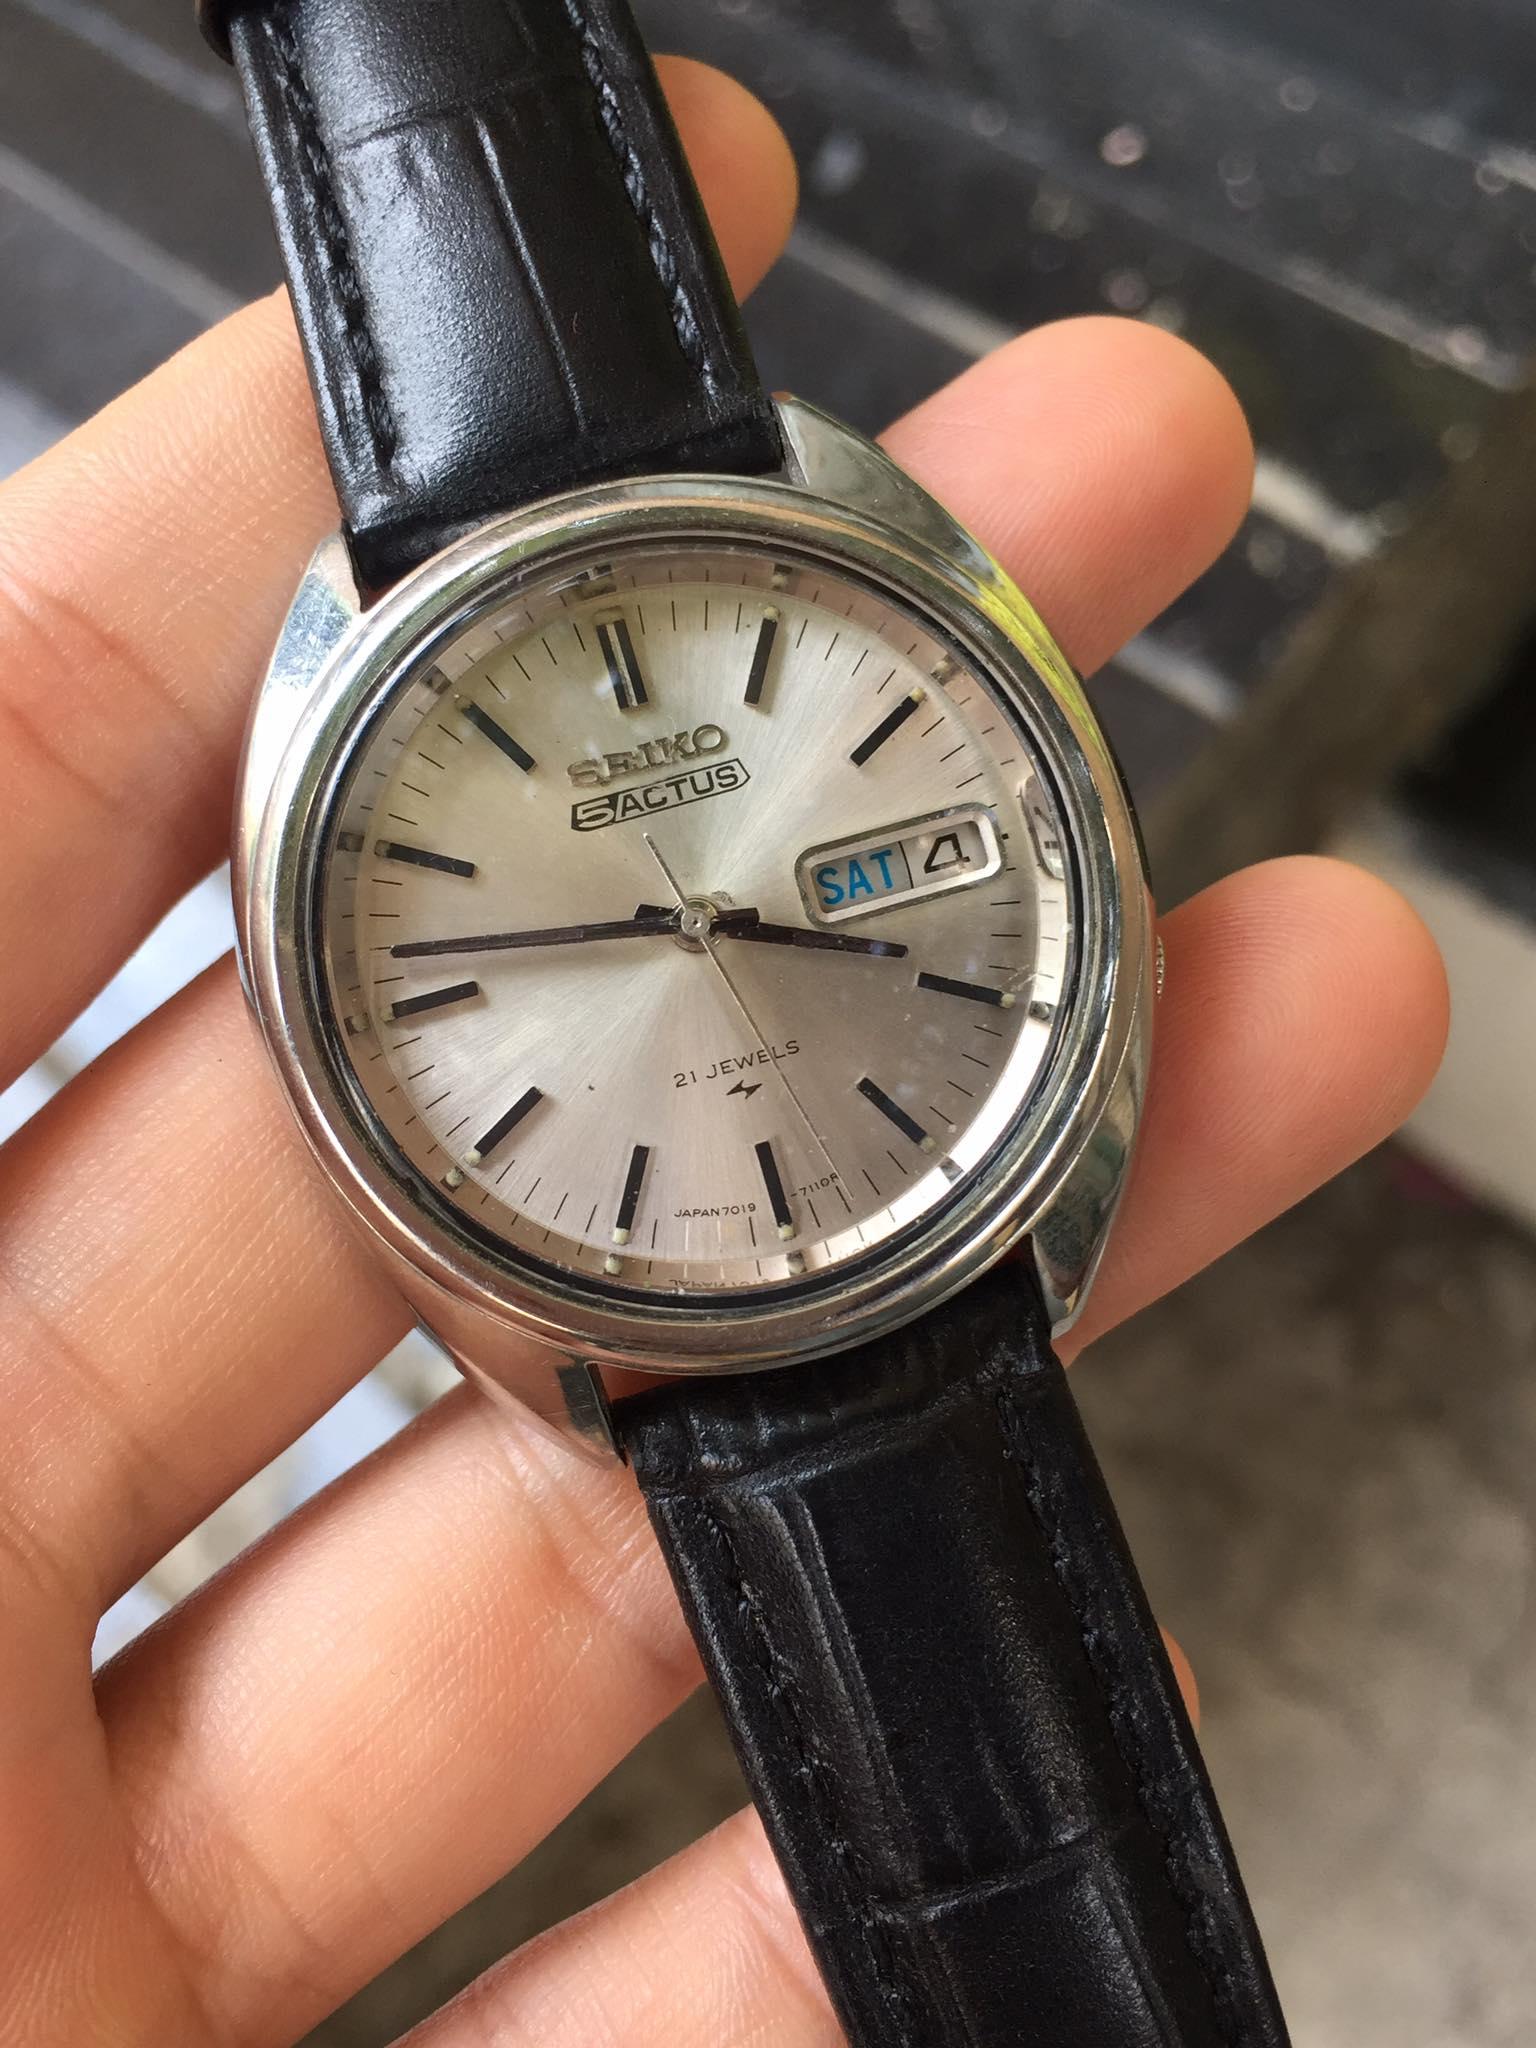 [HCM]Đồng hồ nam Seiko 5Actus cơ automatic 21 jewels có lịch dây da màu đen